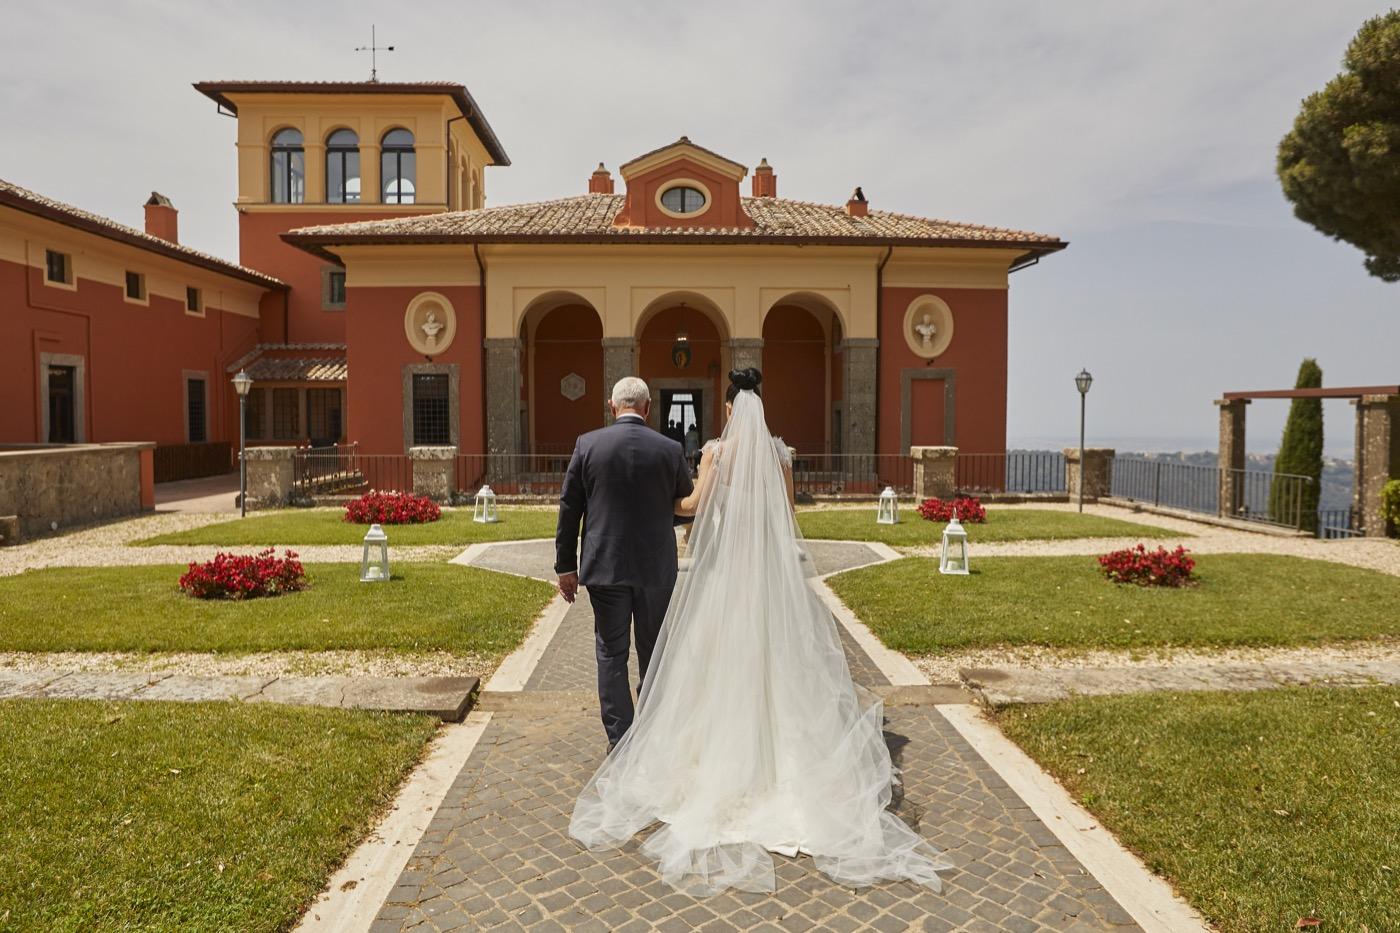 Claudio-Coppola-wedding-photographer-villa-del-cardinale-rocca-di-papa-castel-gandolfo-27